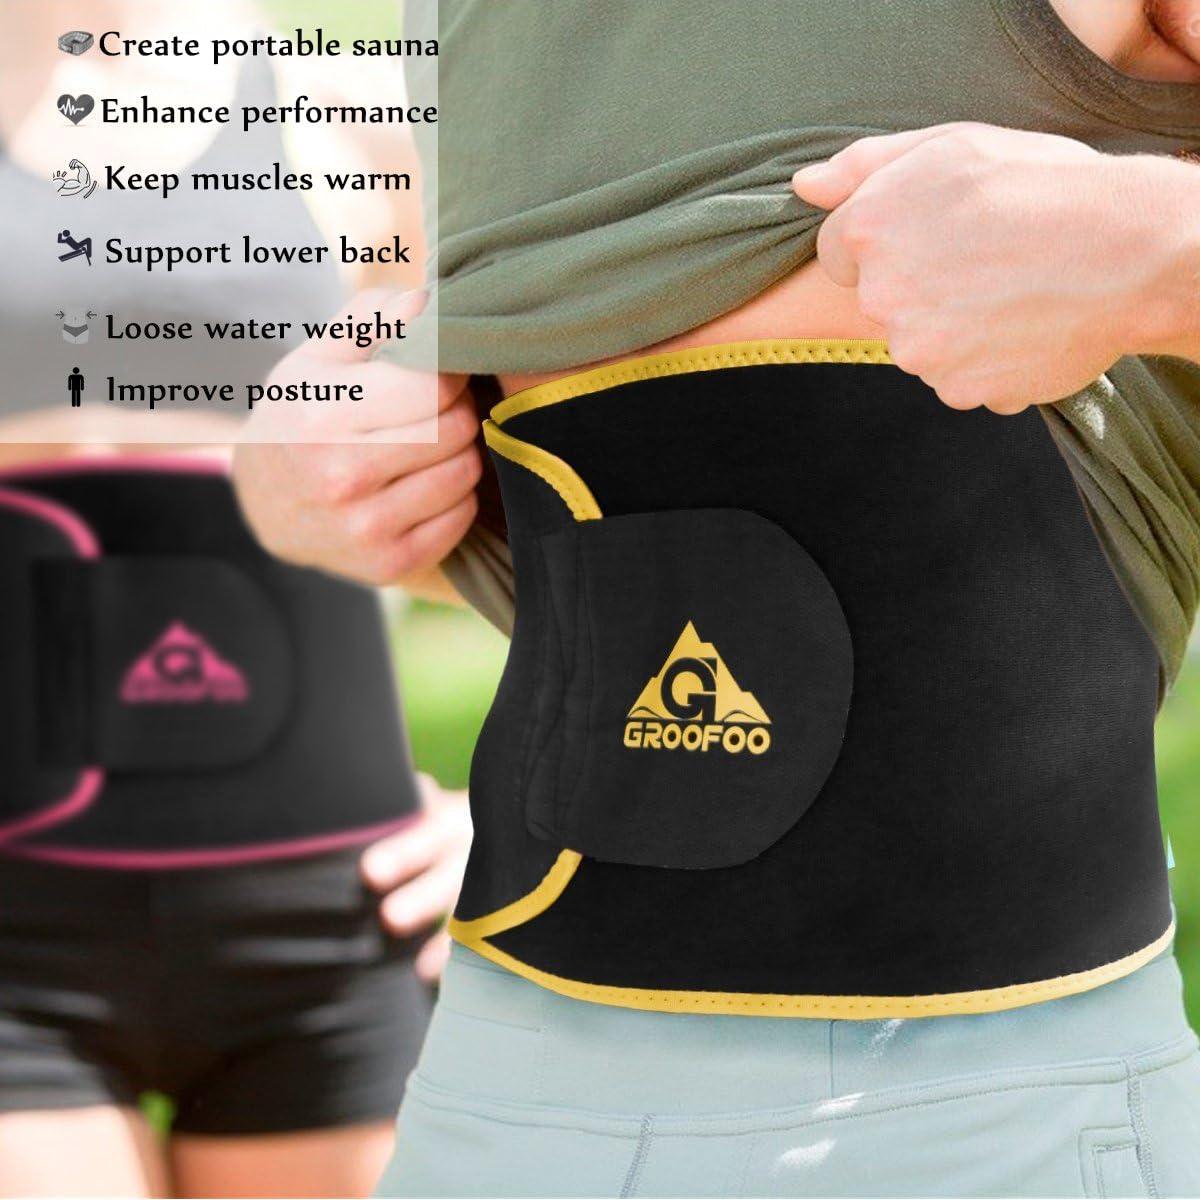 GROOFOO Waist Trimmer Belt Belly Slimming Belt with Waist Support Waist Trainer for Women /& Men Weight Loss